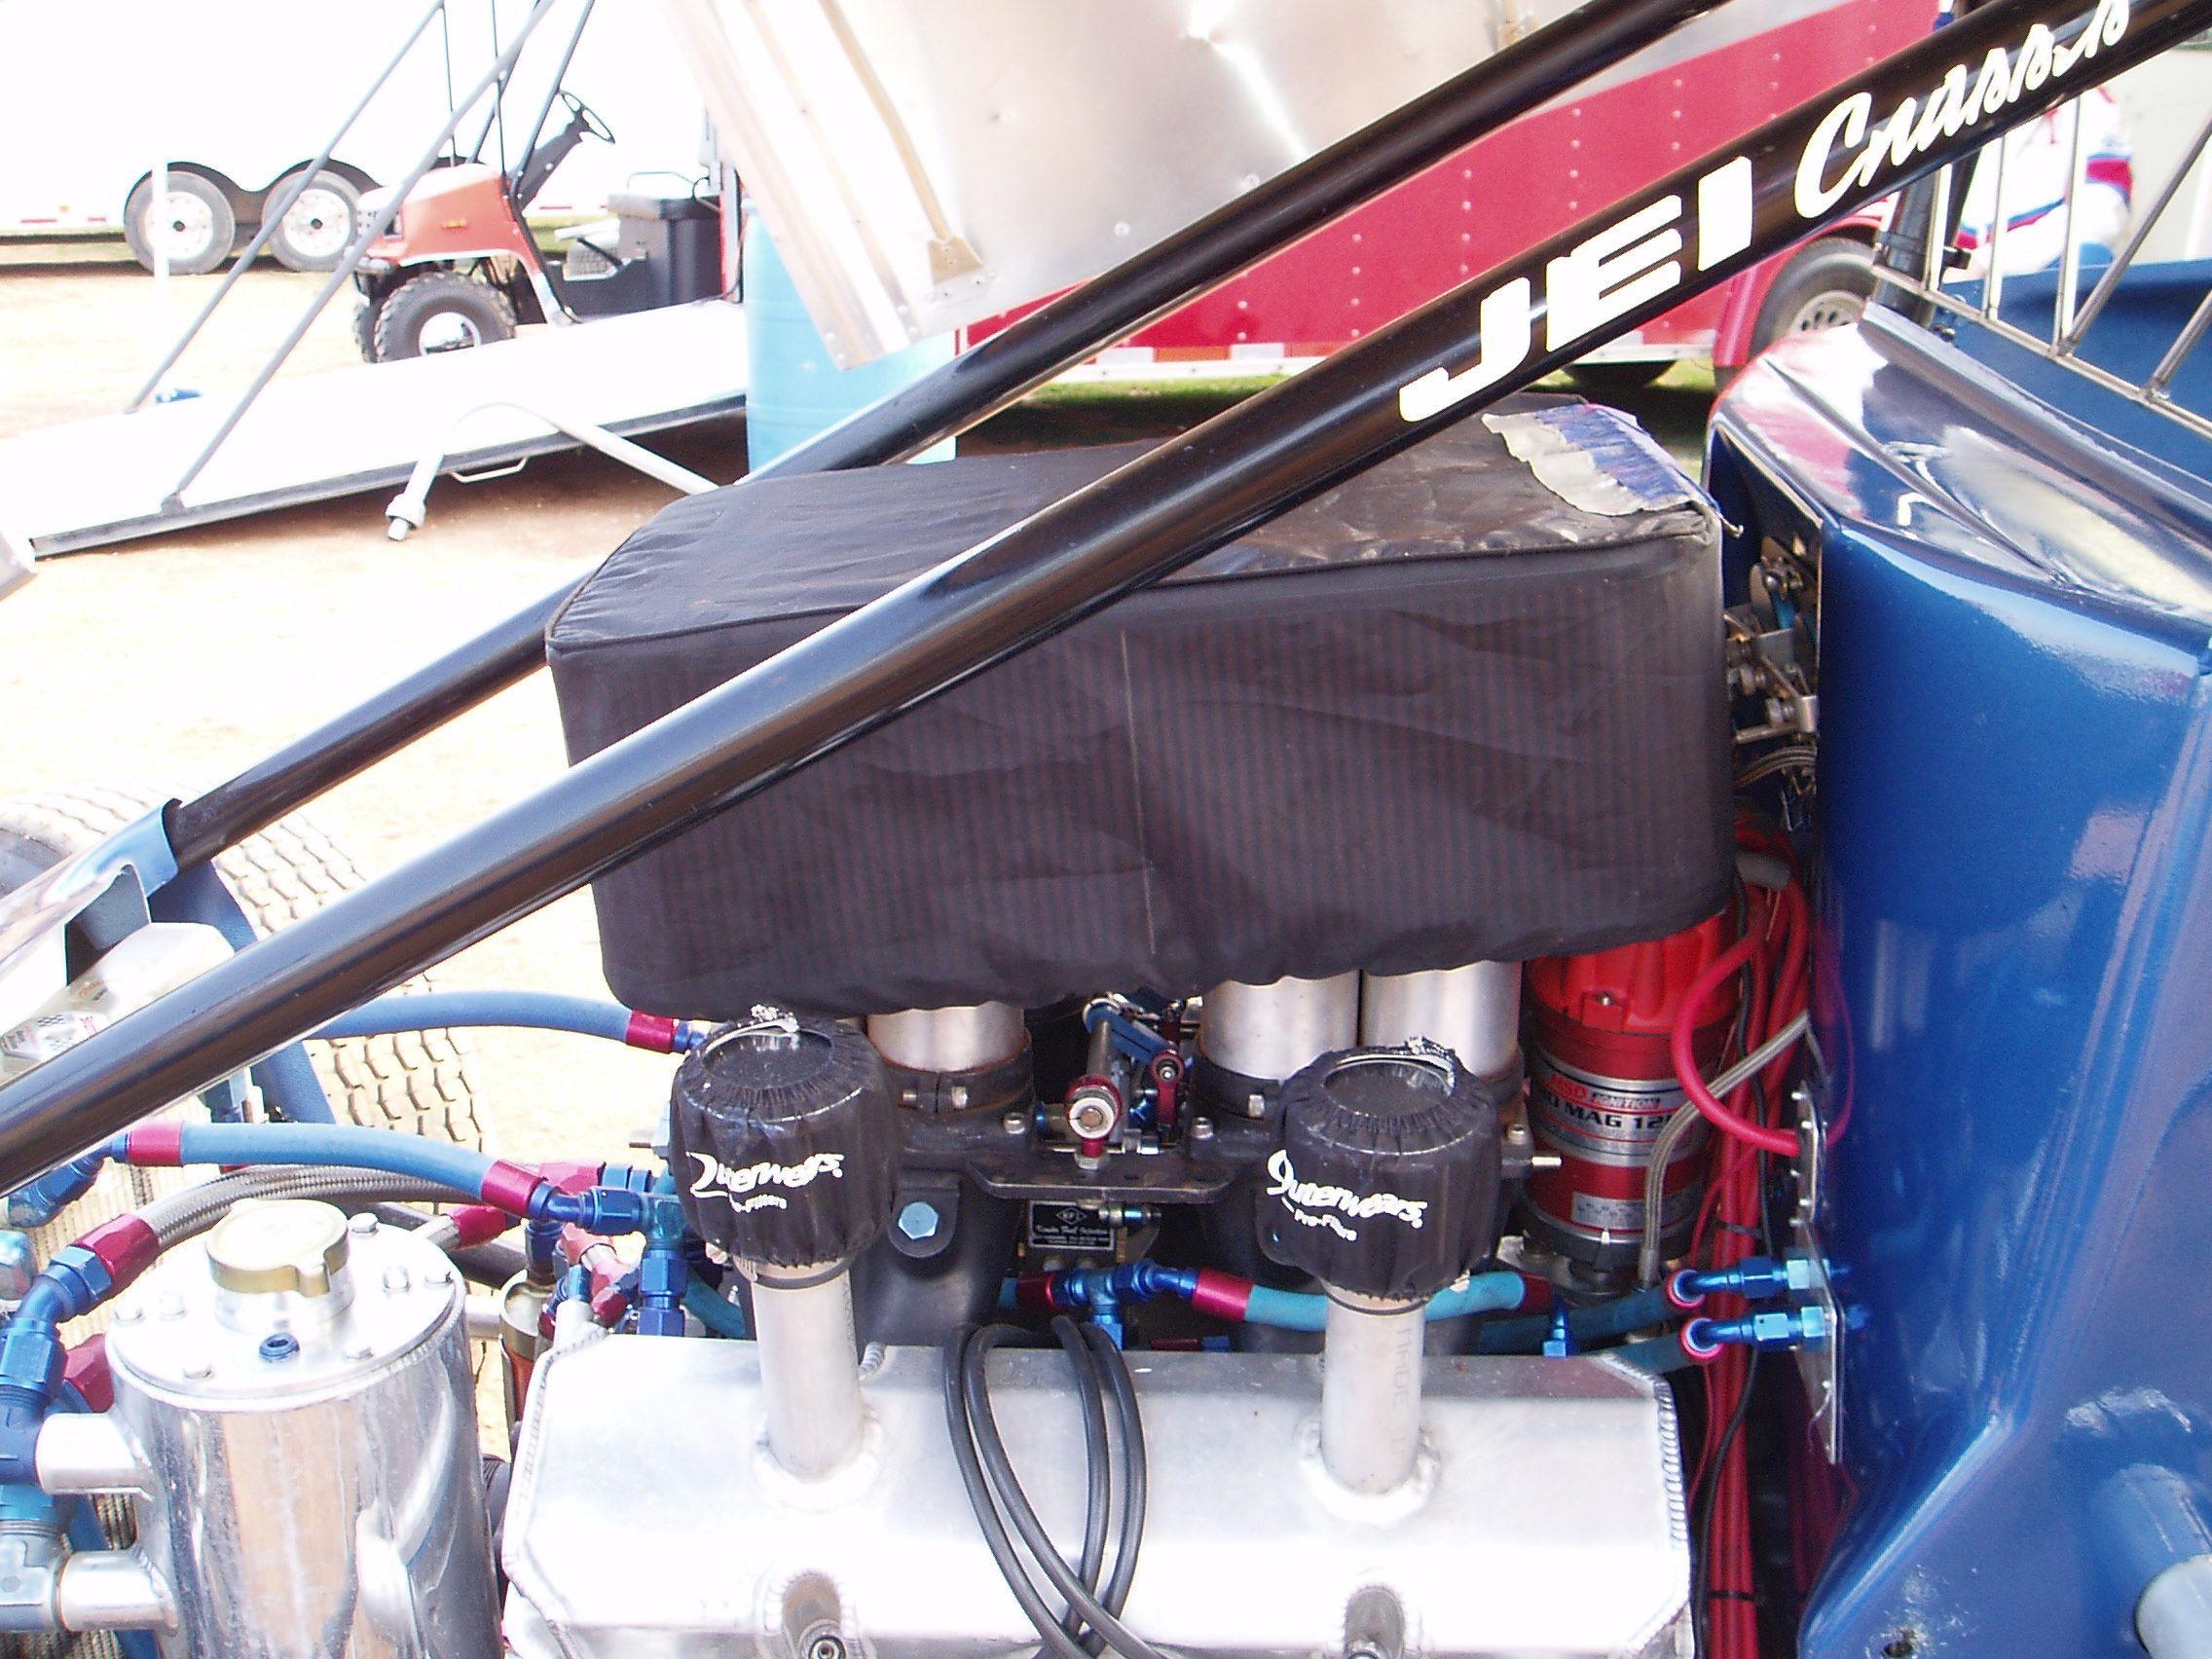 Outerwears on a 410 sprint car.